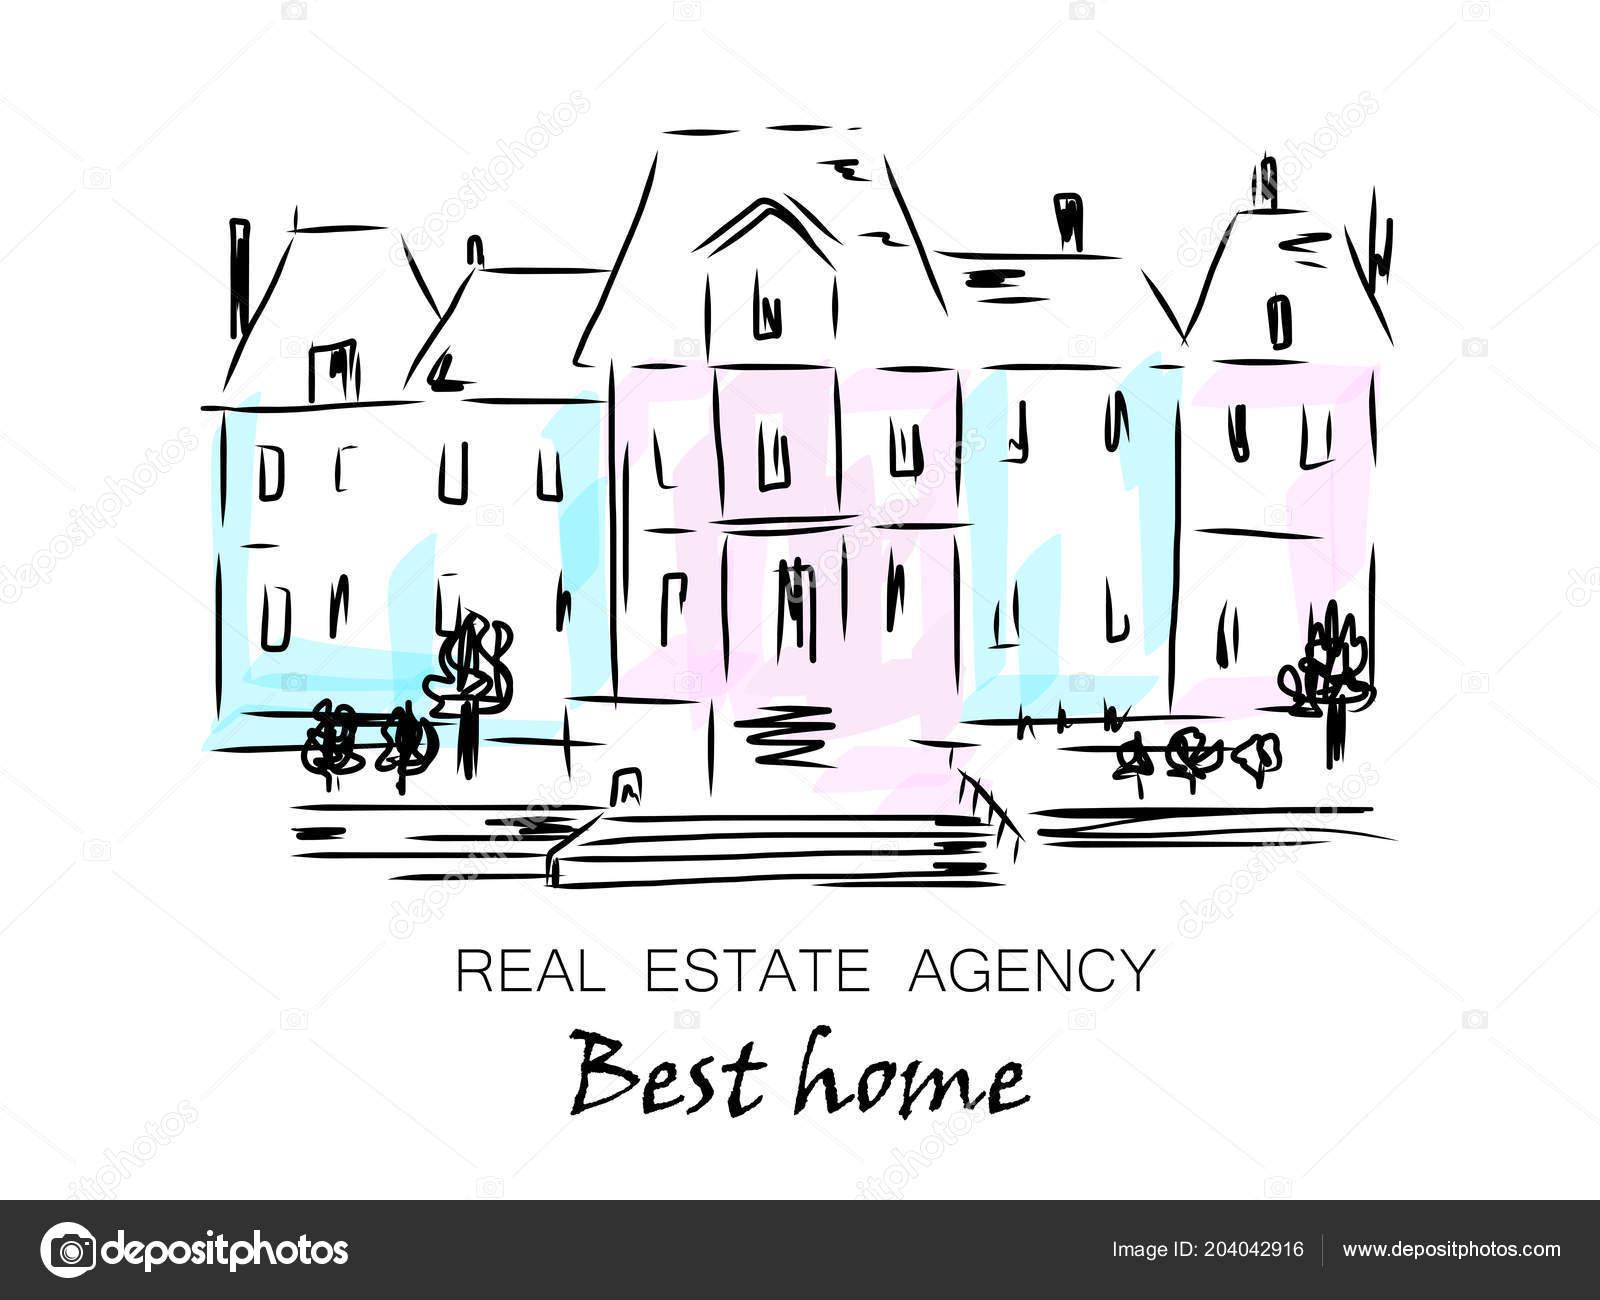 Croquis de la maison de ville indépendante maisons individuelles avec des arbres dessiné de main illustration de vecteur de dessin animé illustration de